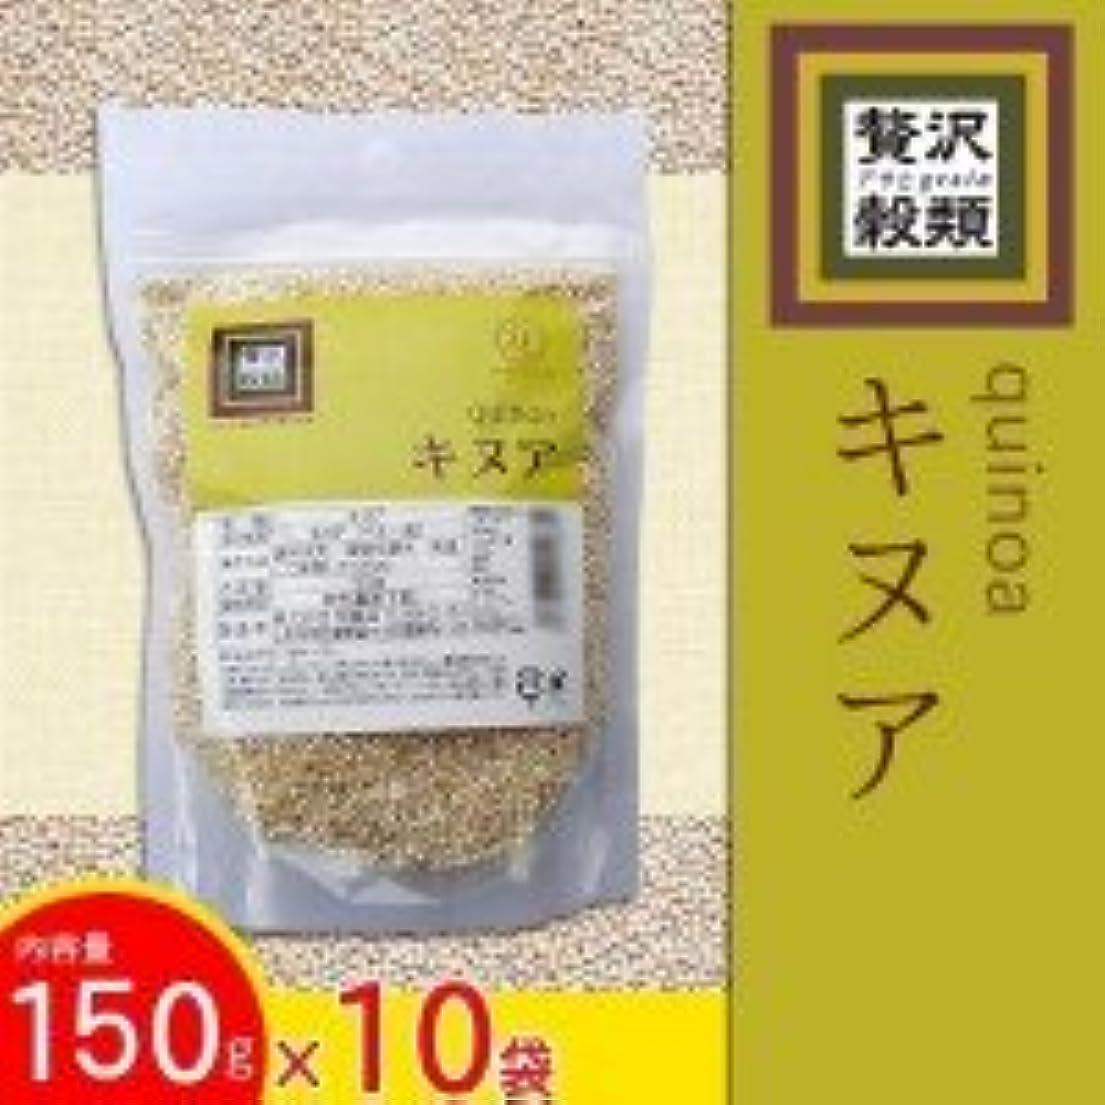 偏差無し推論贅沢穀類 キヌア 150g×10袋